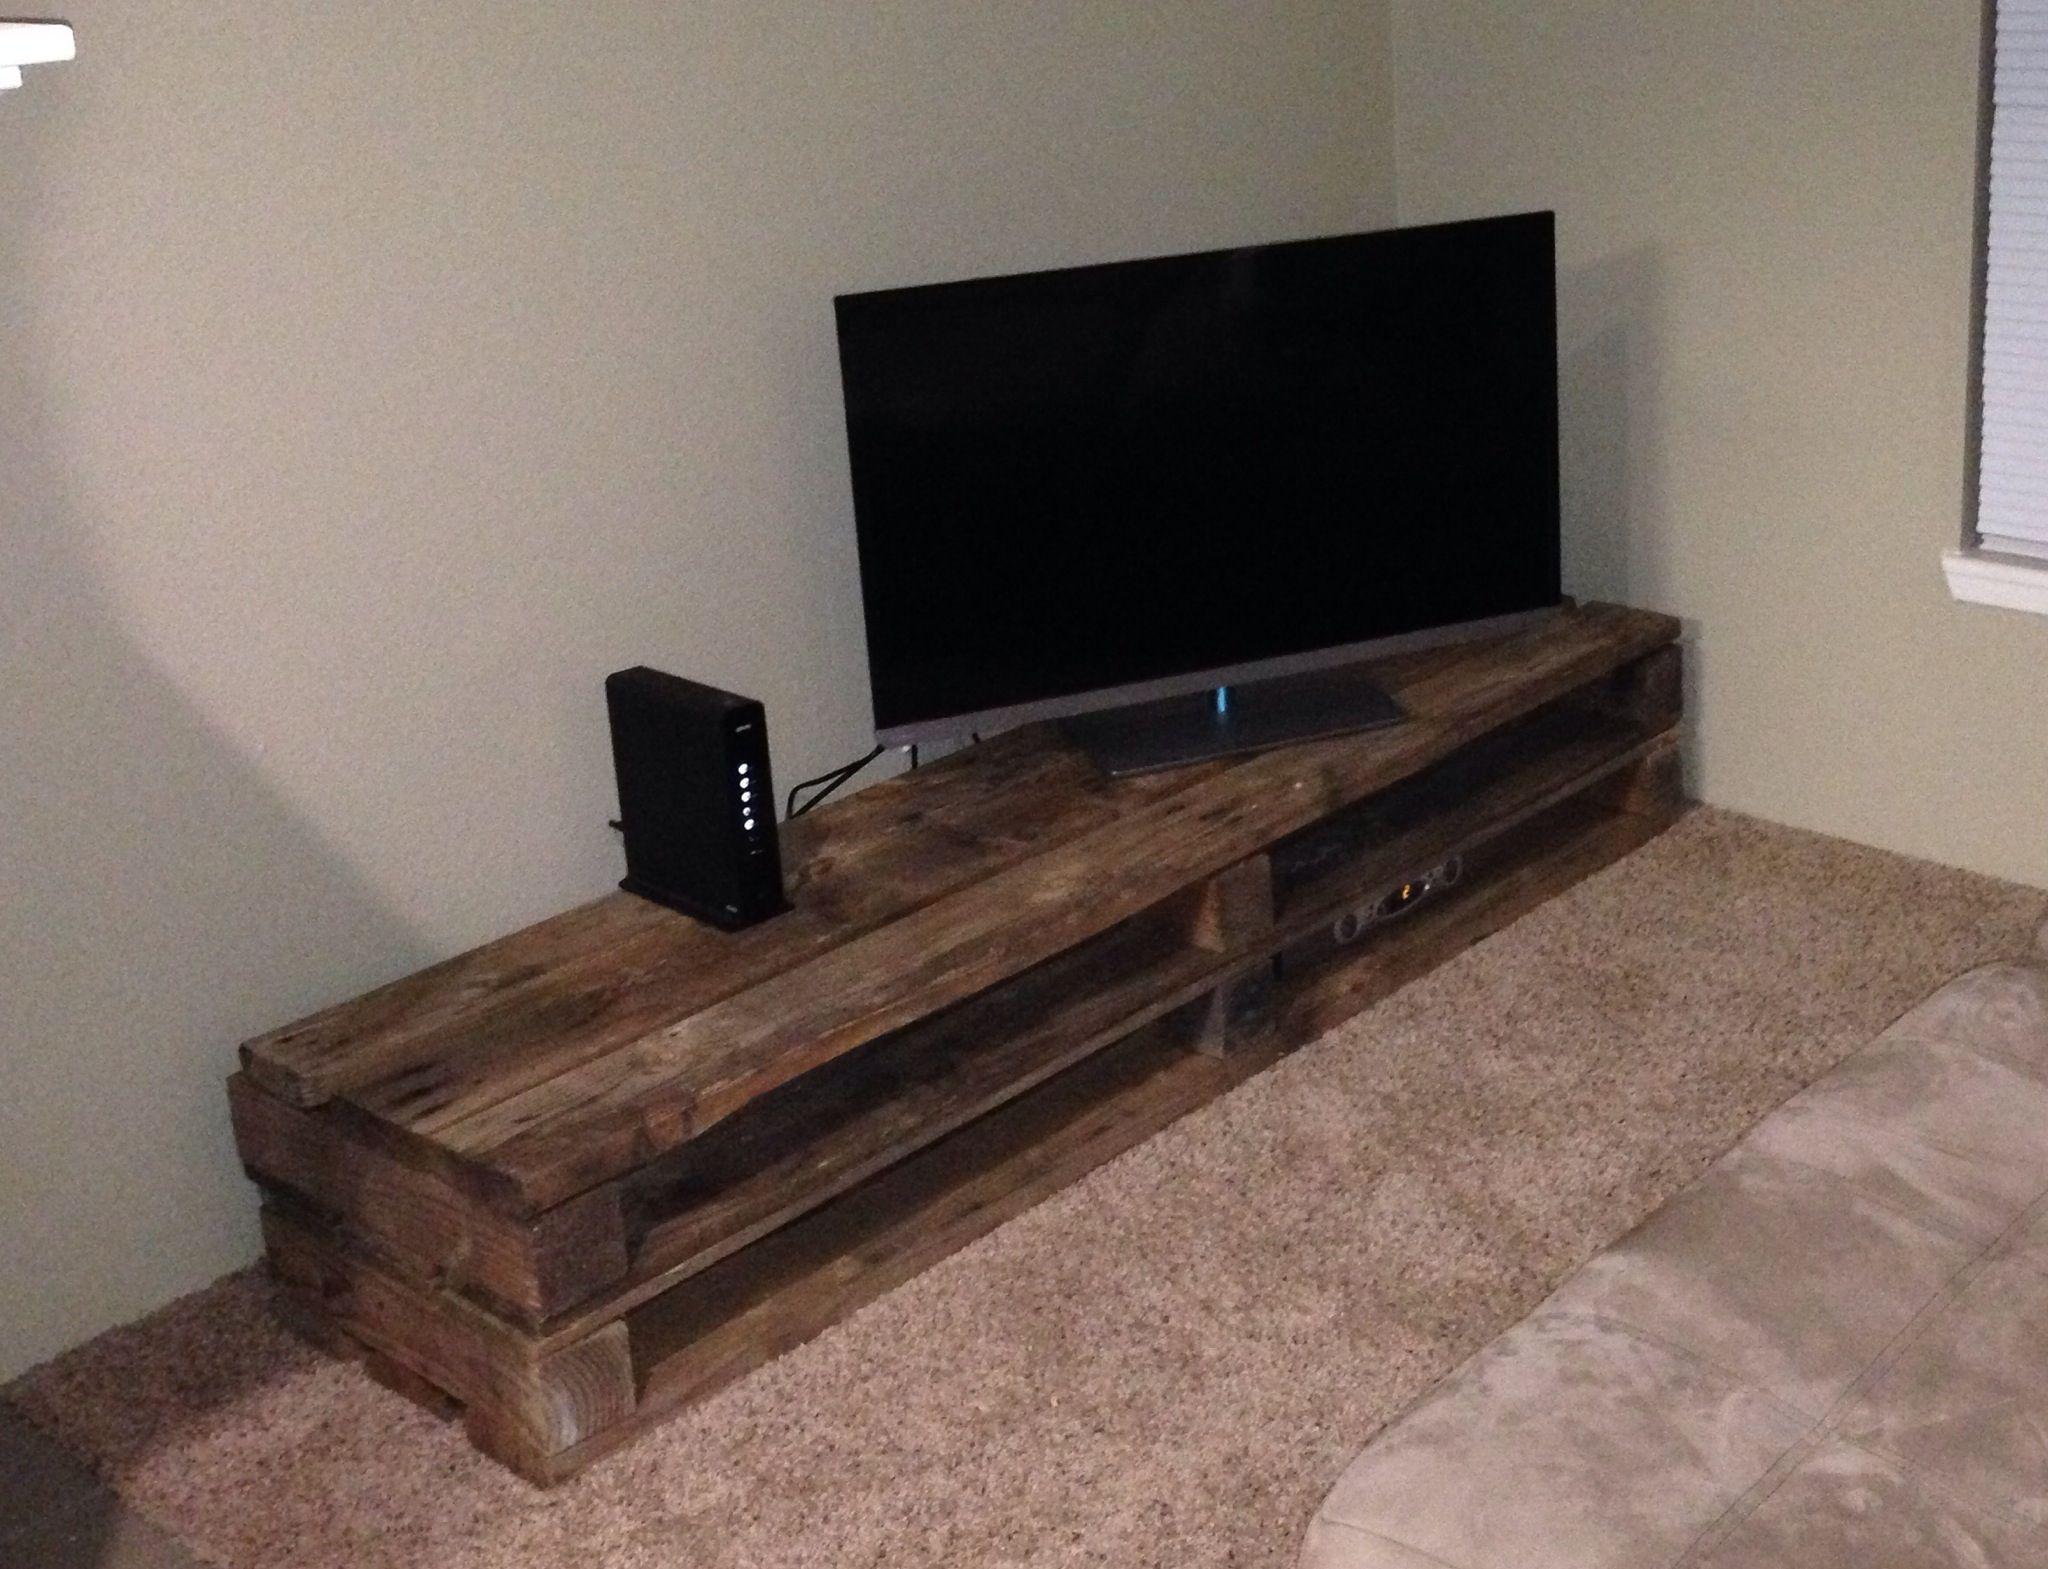 diy tv stands plans. Black Bedroom Furniture Sets. Home Design Ideas